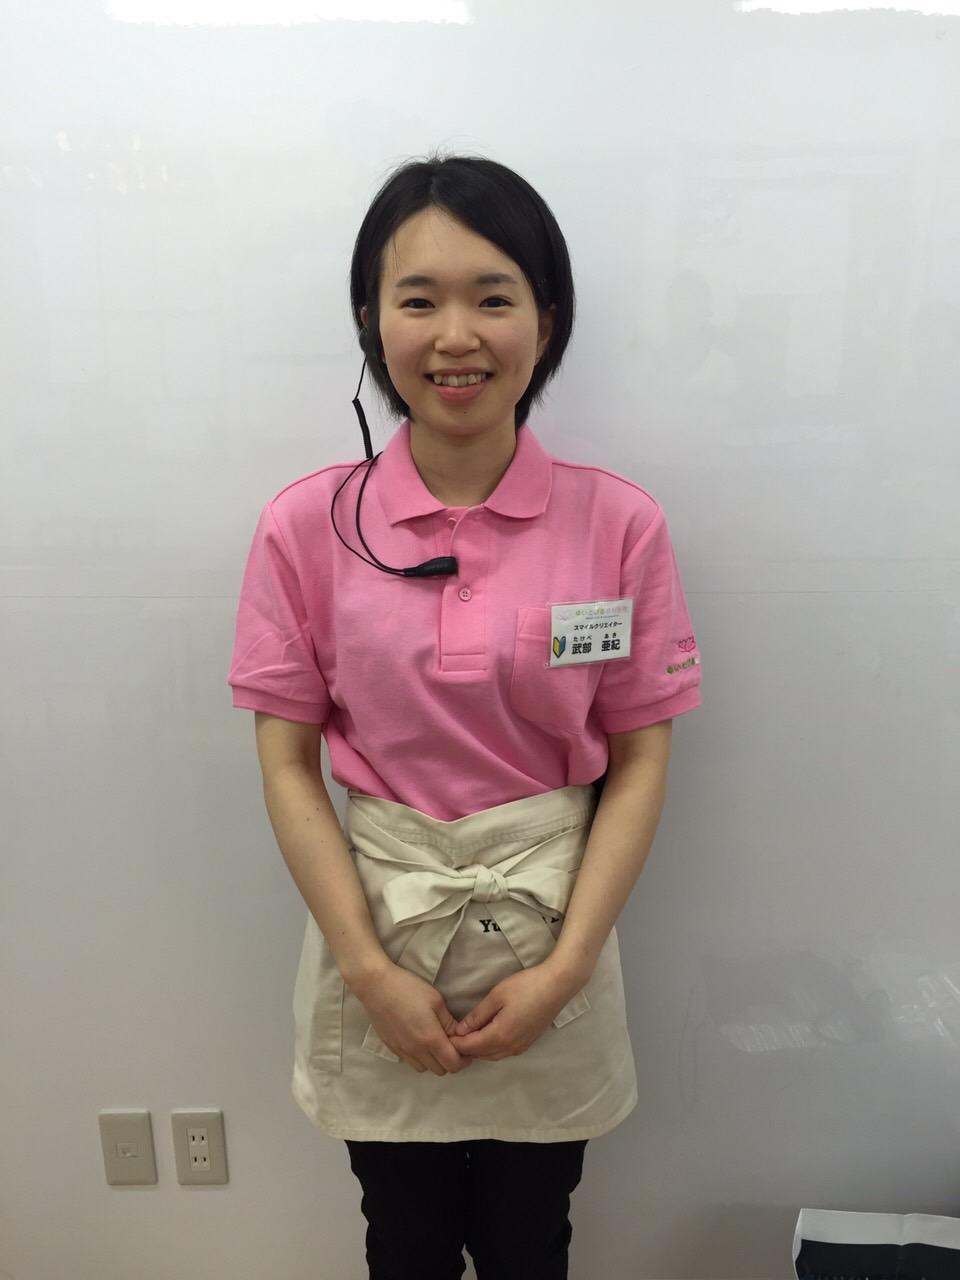 盛岡市の歯医者をお探しなら、ゆいとぴあ歯科医院へお任せ下さい。